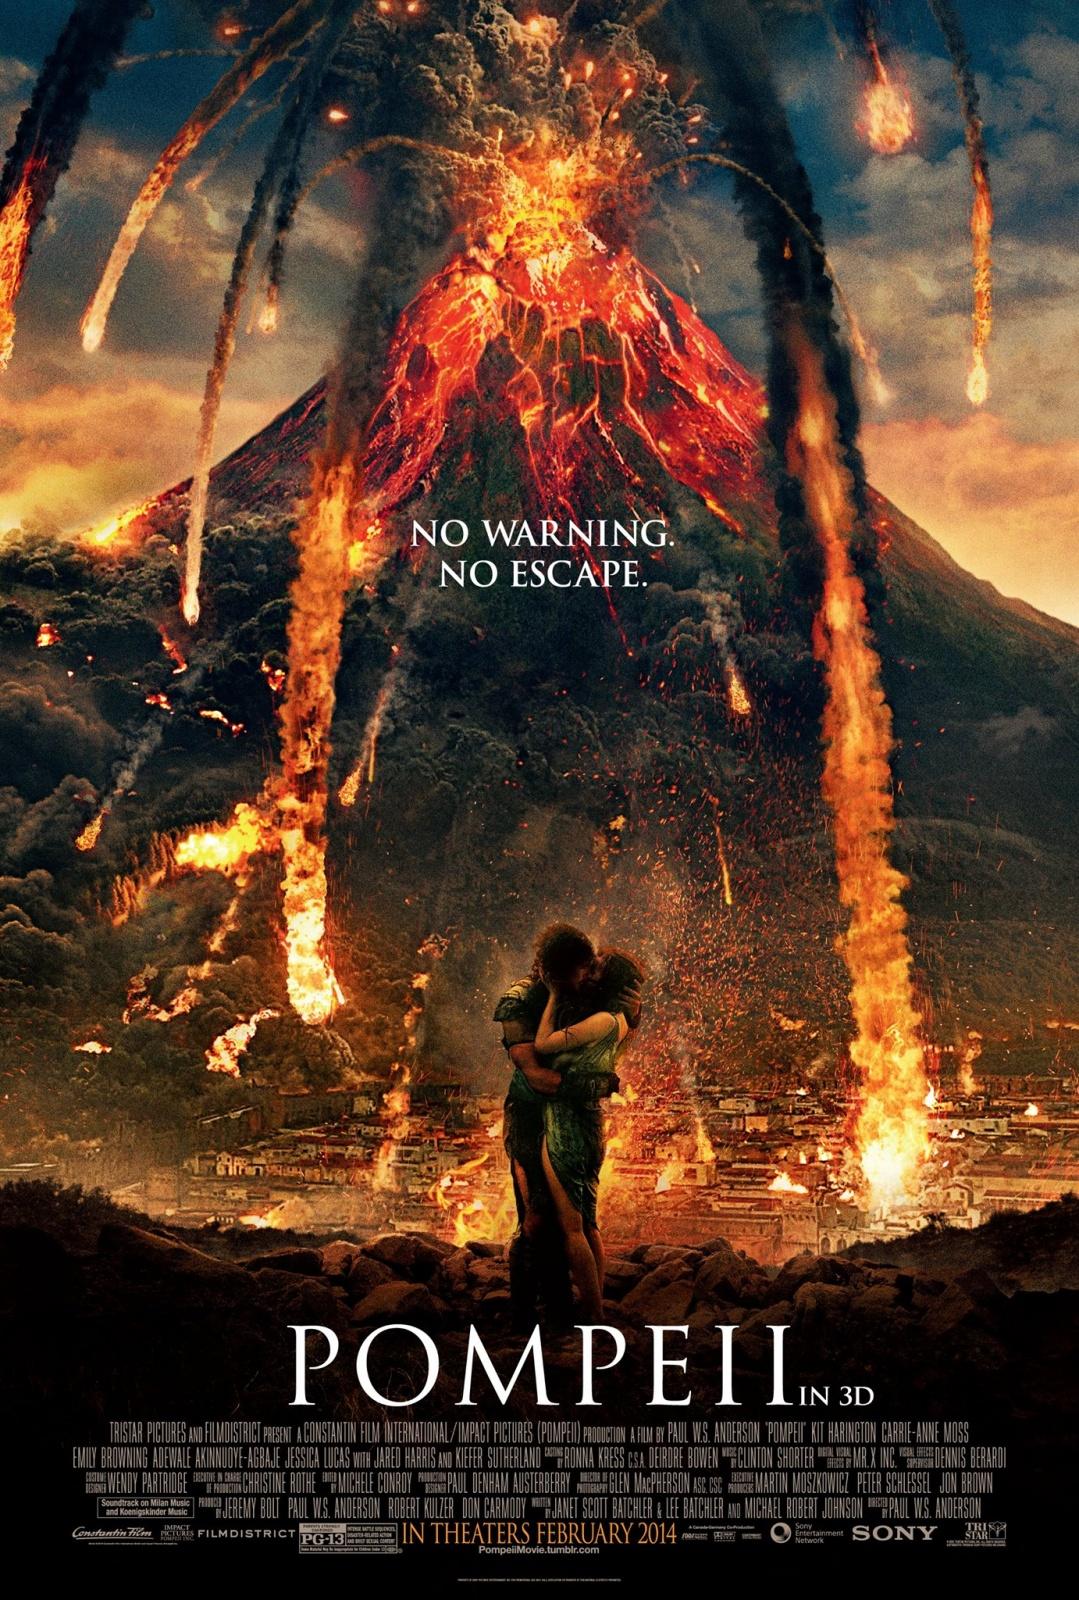 https://i1.wp.com/sideonetrackone.com/wp-content/uploads/2014/02/Pompeii-2014-Movie-Poster1.jpg